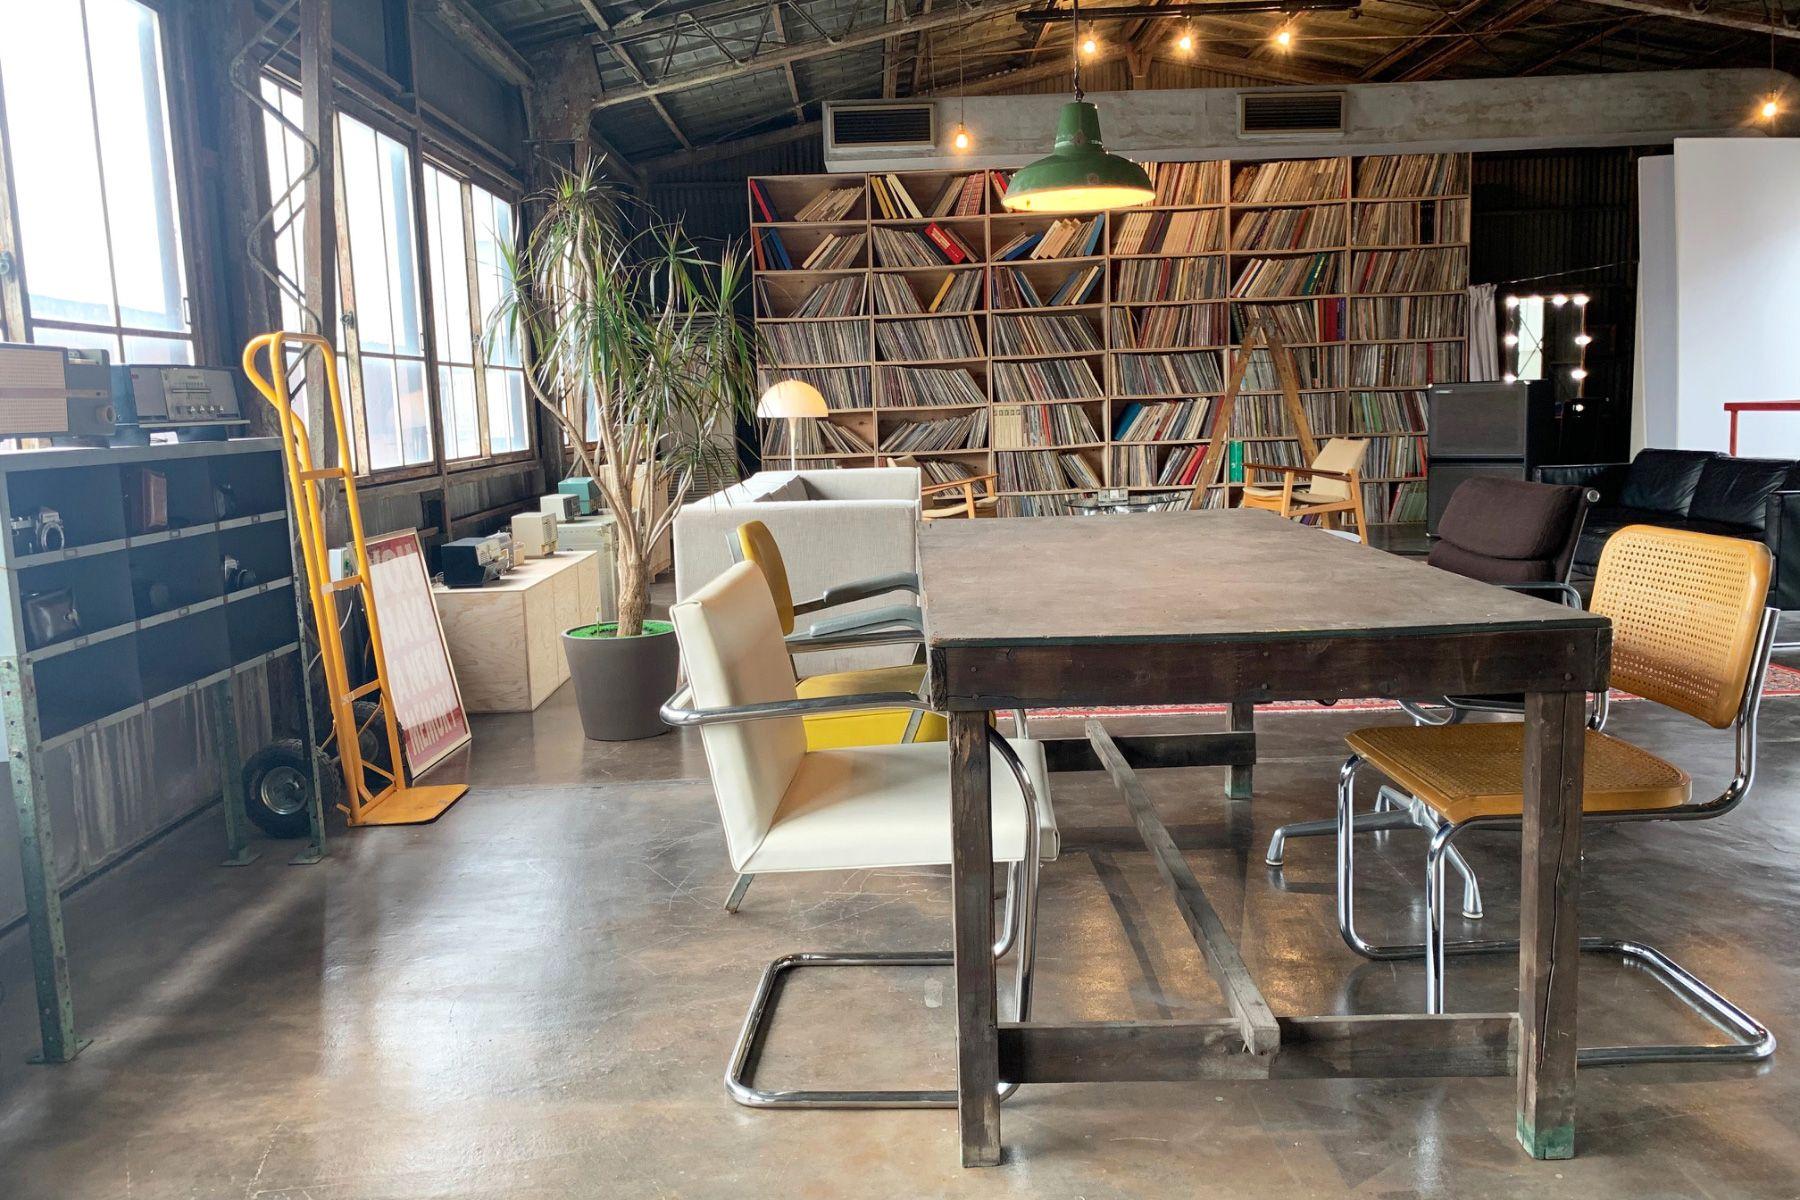 旧海岸第七スタジオクリエィティブを感じる空間